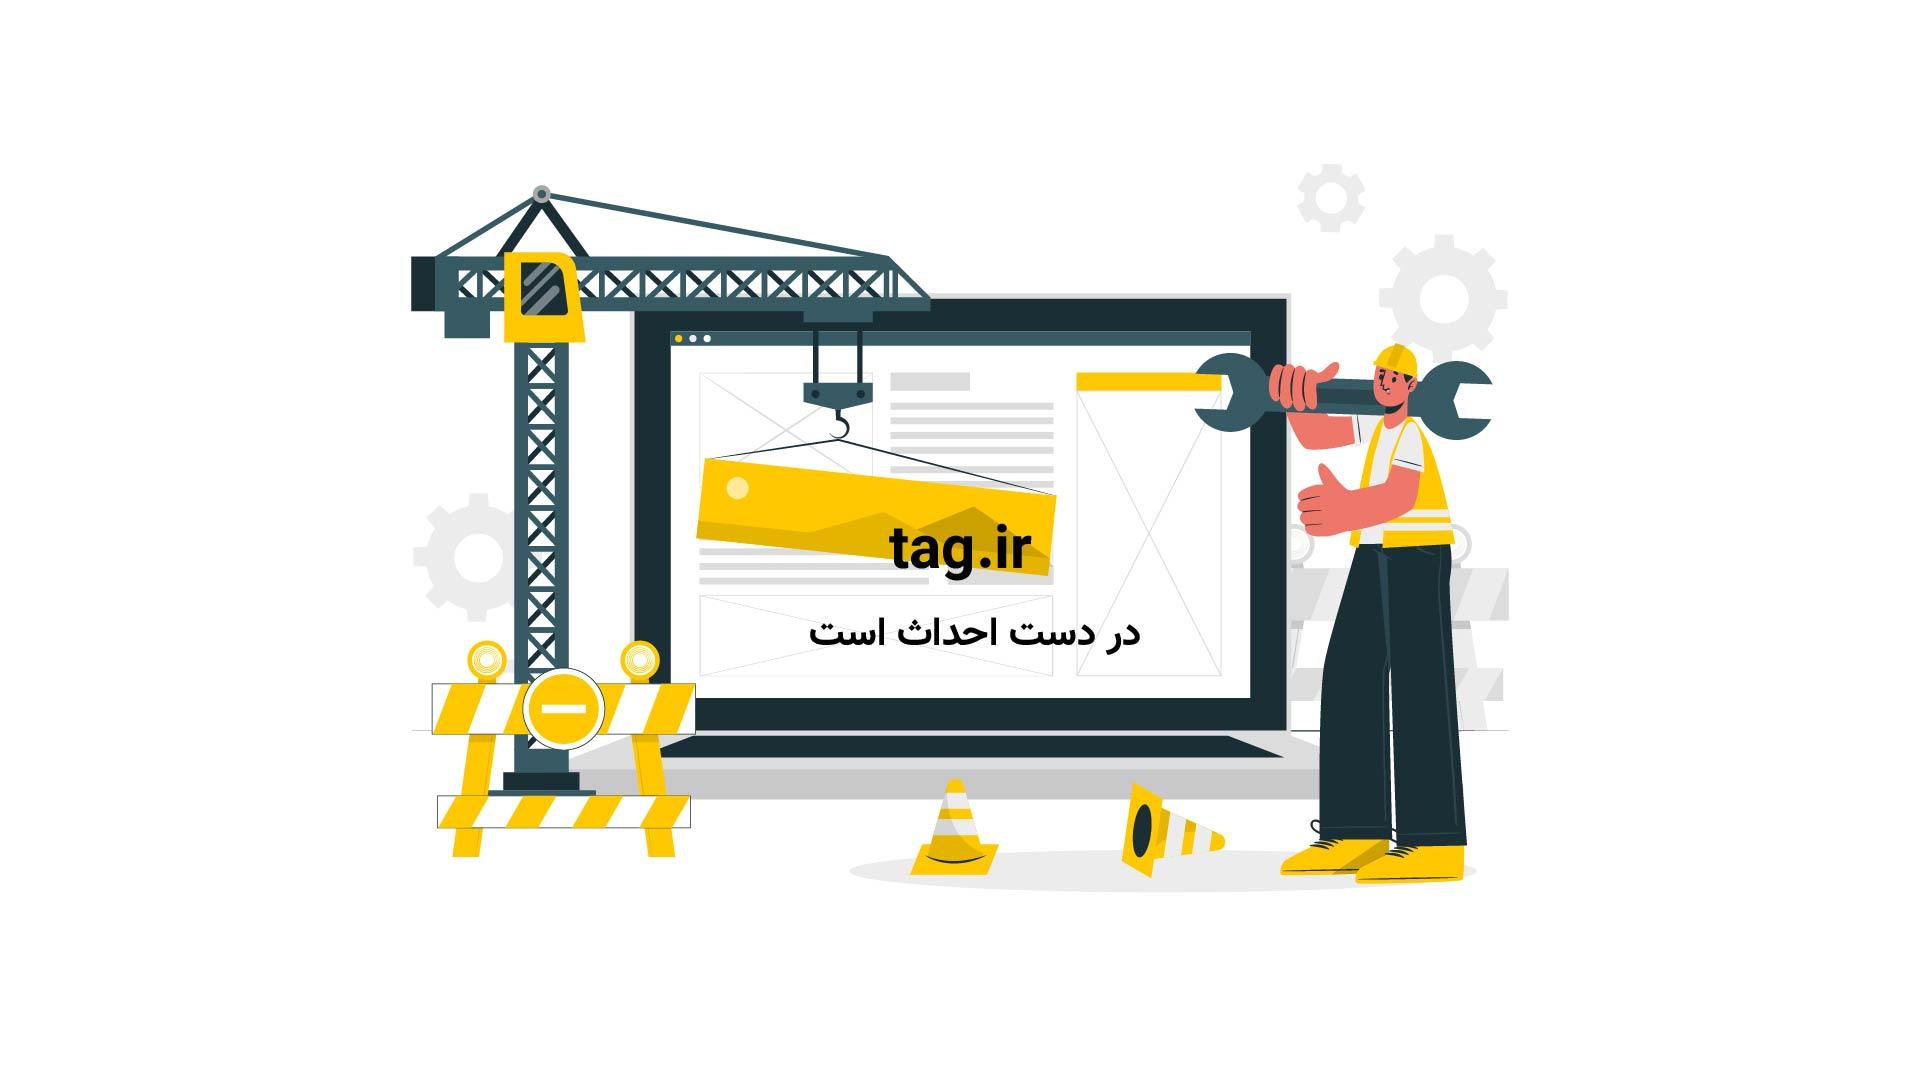 زلزله بوشهر | تگ